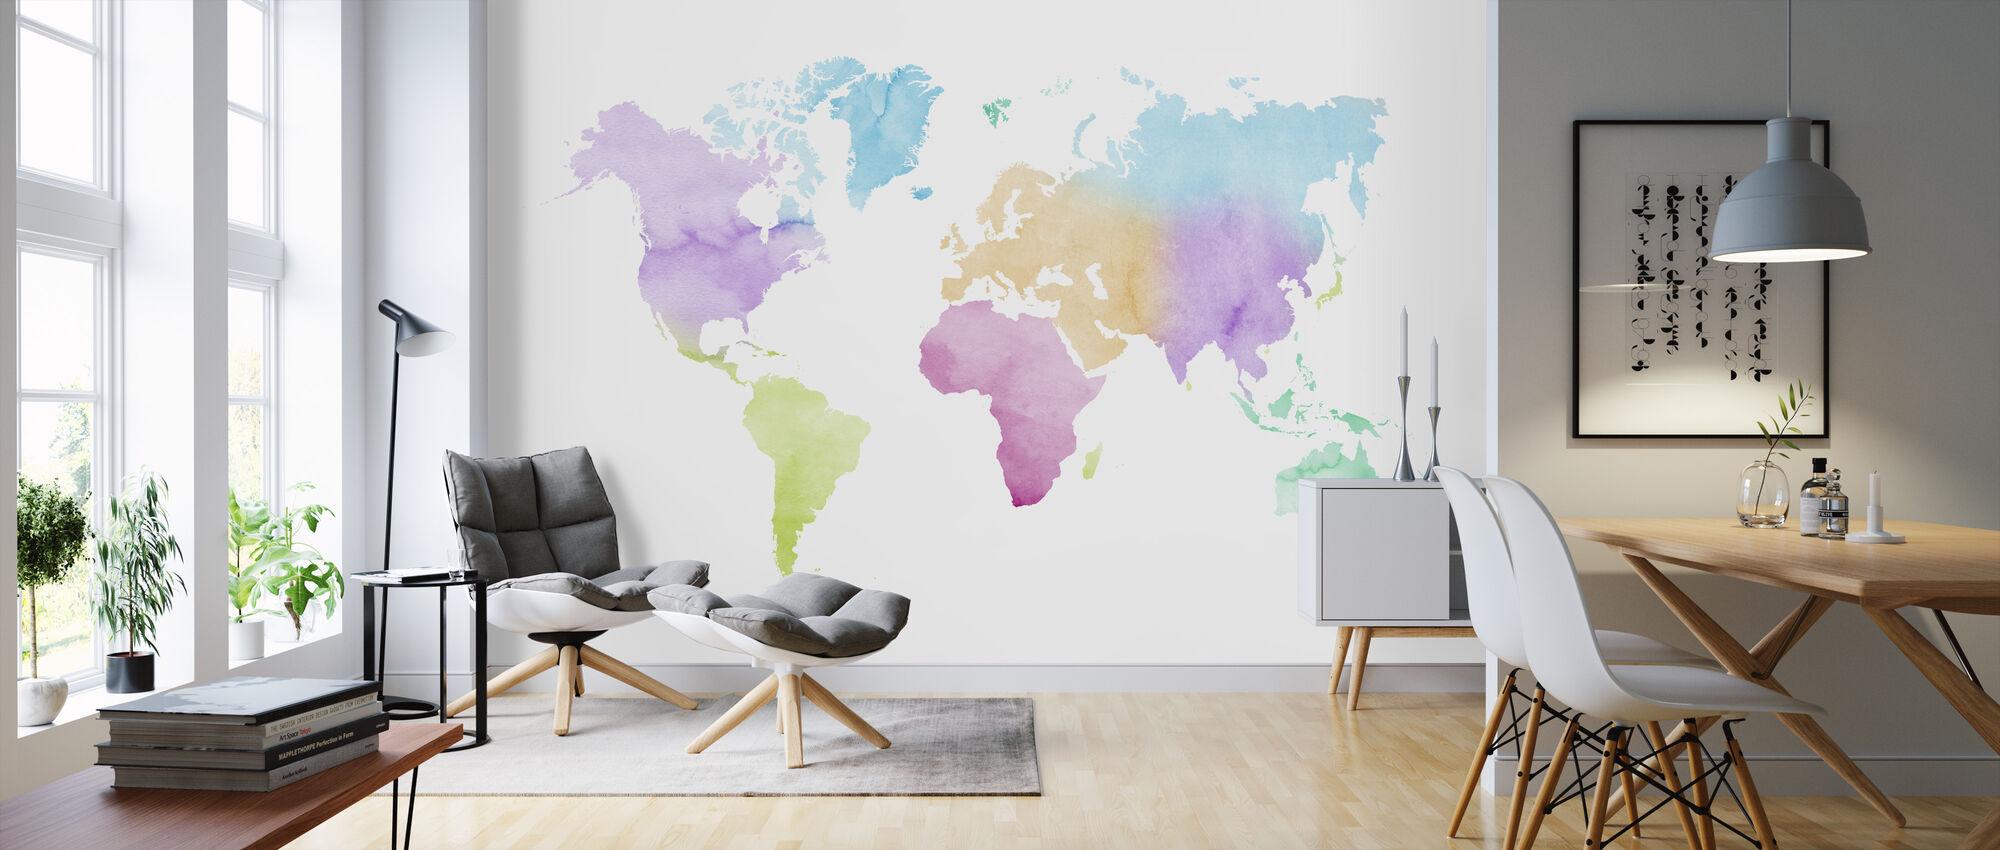 Akvarellimaailma Monivärinen - Tapetti - Olohuone